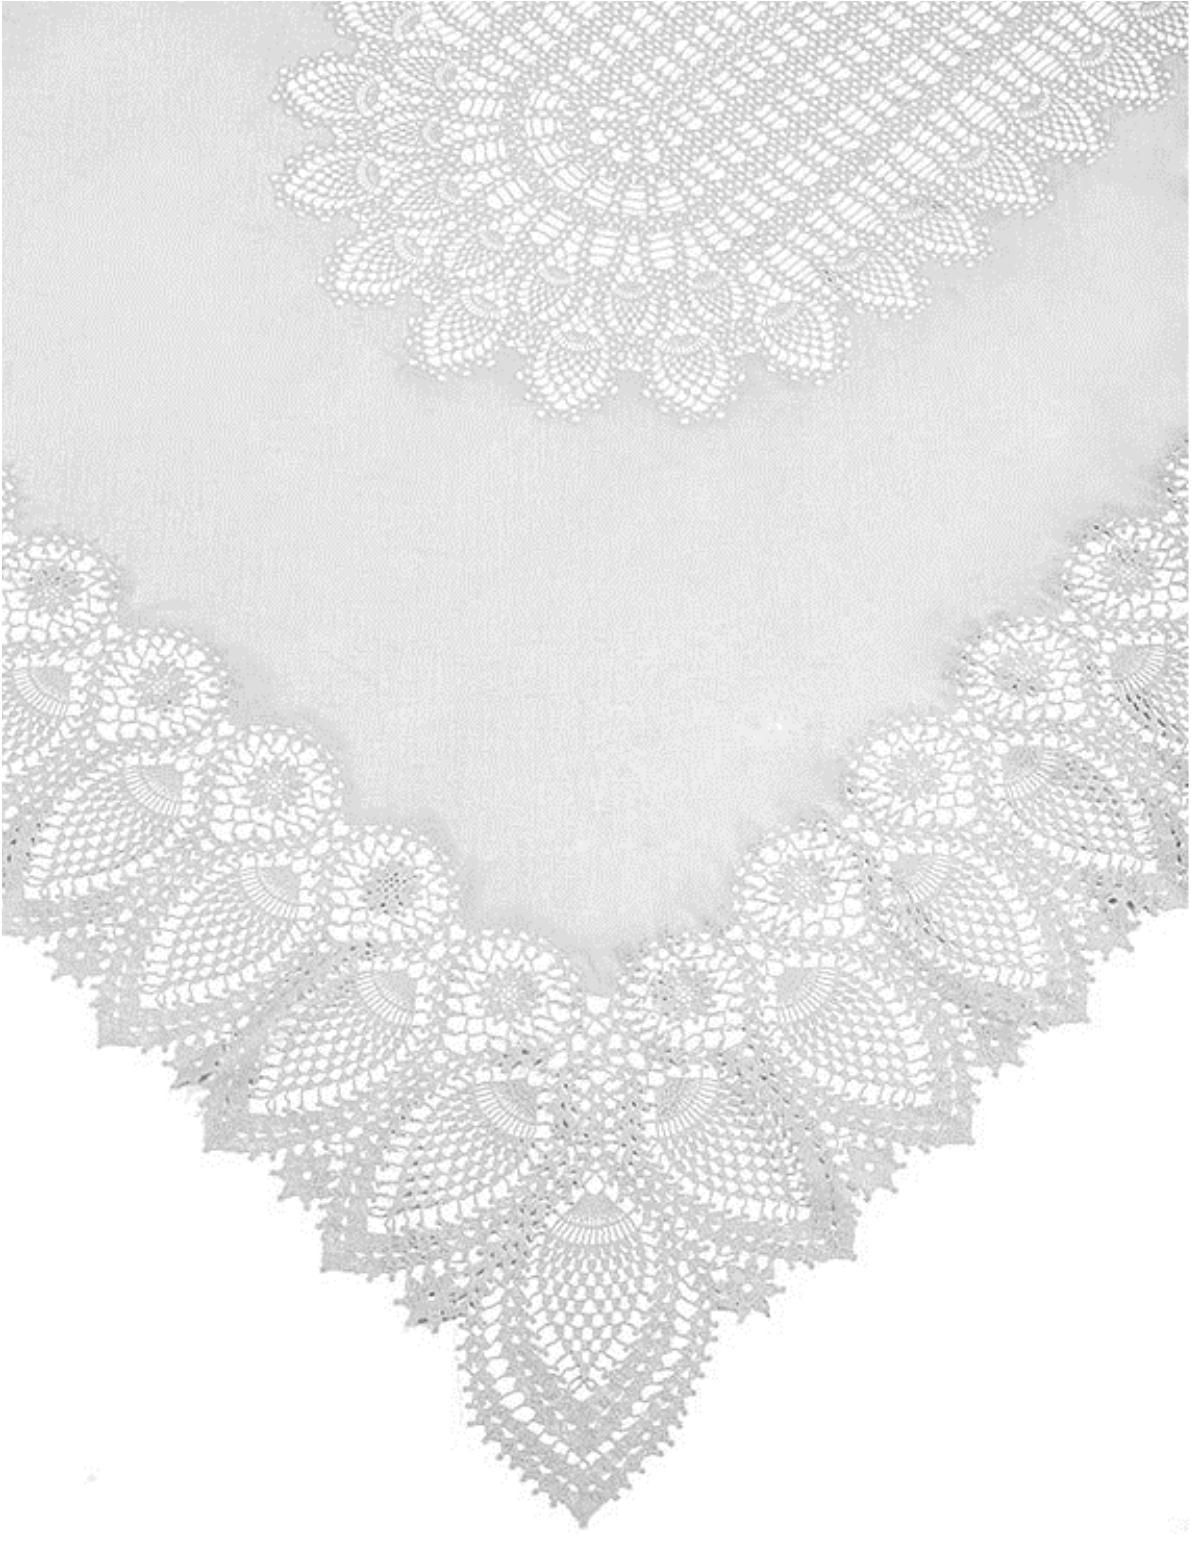 Nappe blanche dentelle vinyle 137x137cms nappes histoire d 39 avant - Nappe damassee blanche ...